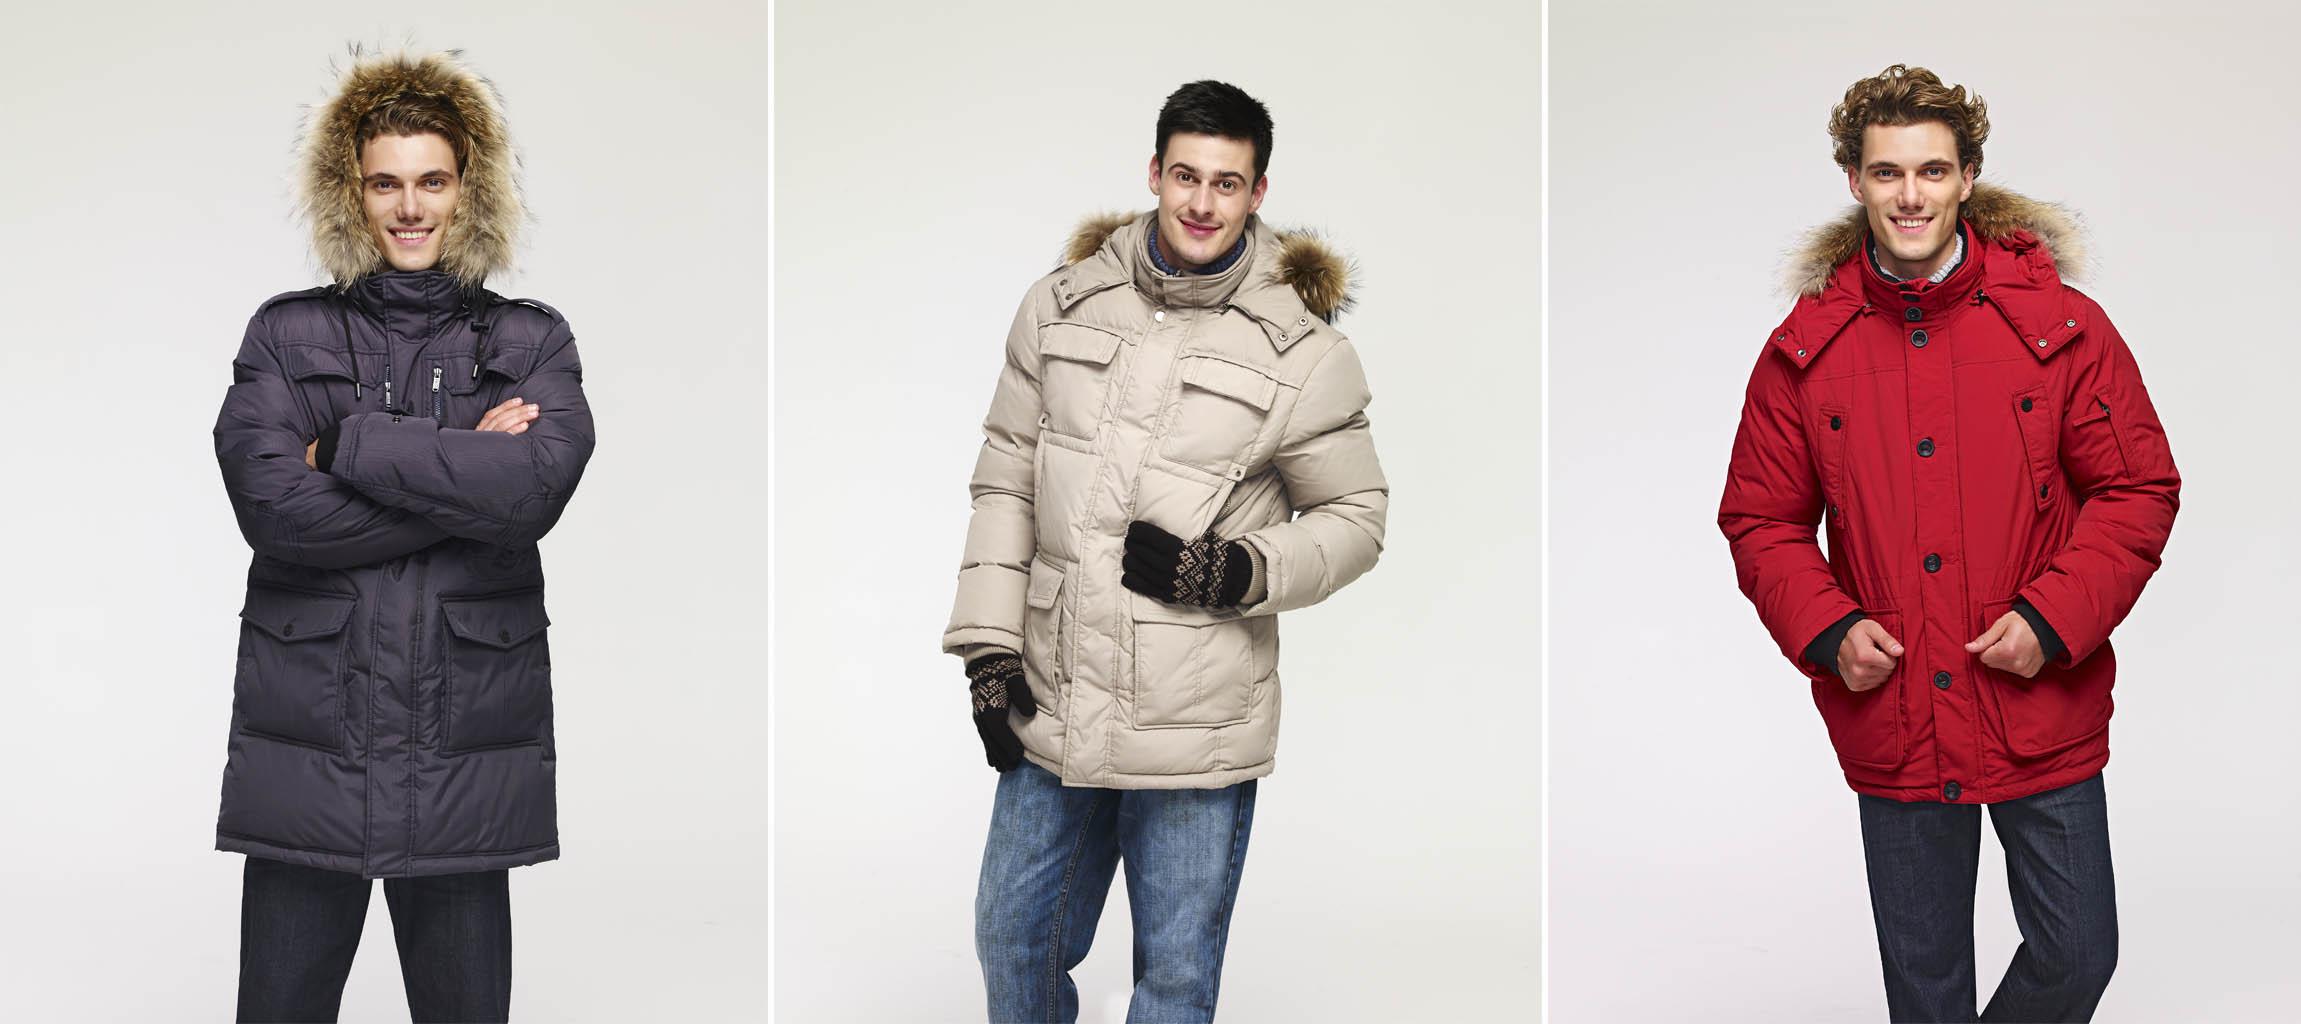 Пресс-релиз  Новая коллекция зимней верхней одежды от O STIN - PRonline 7d67072b540